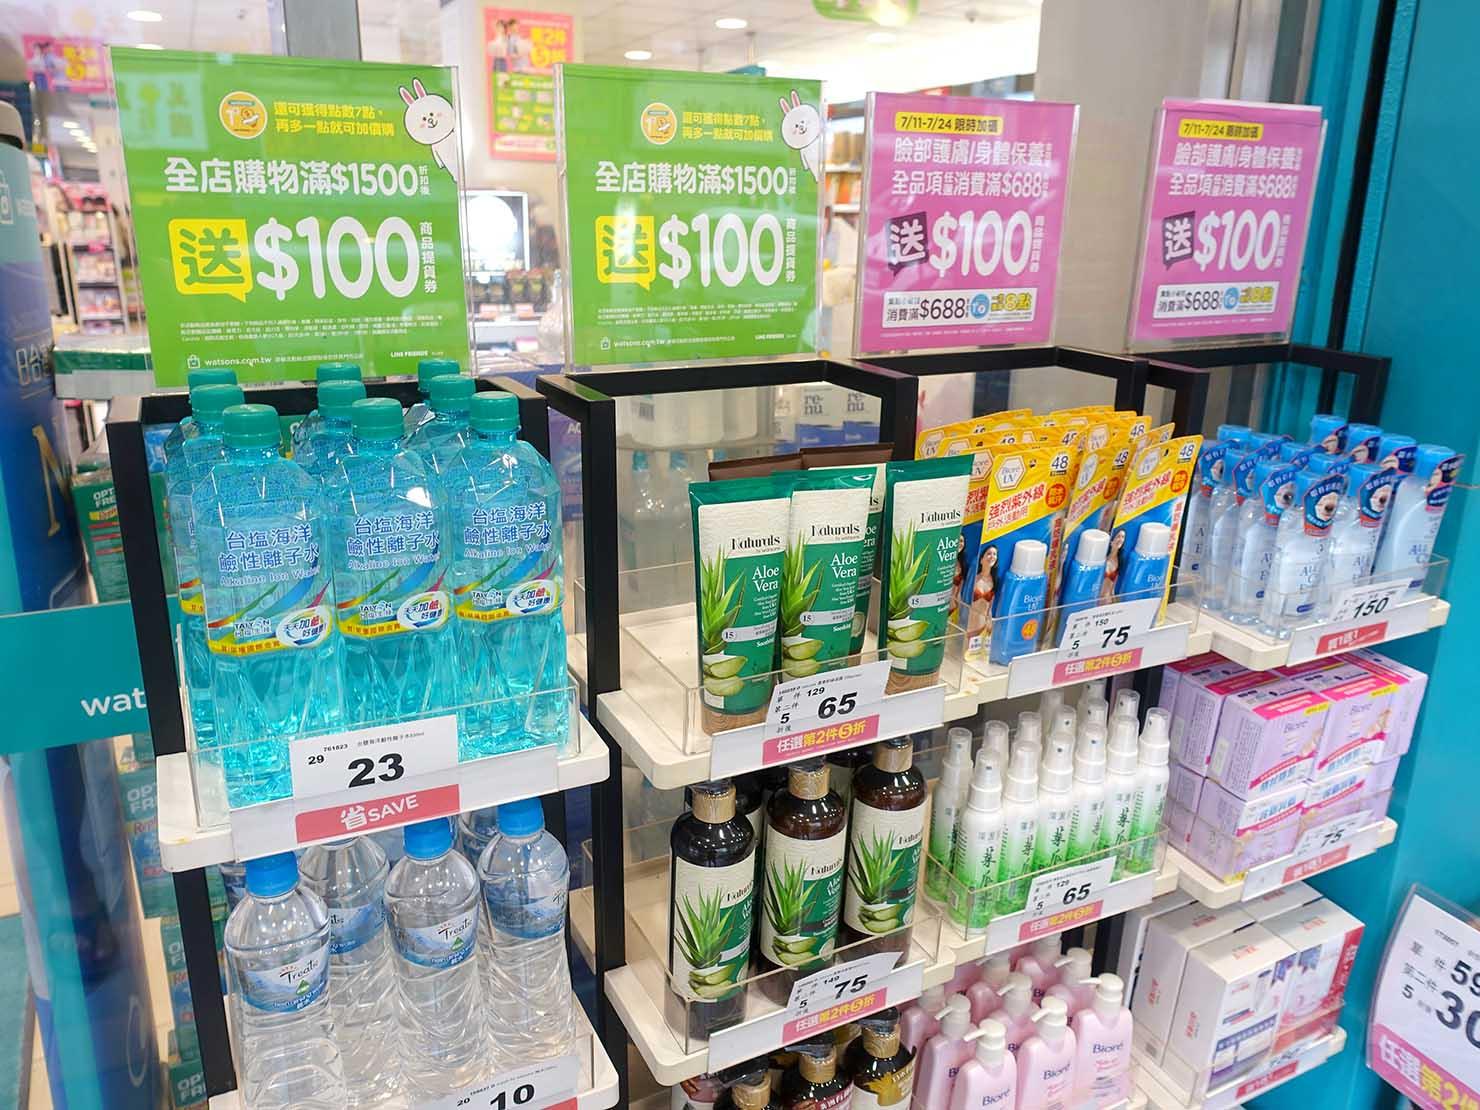 台湾のドラッグストアの軒先に並ぶ商品